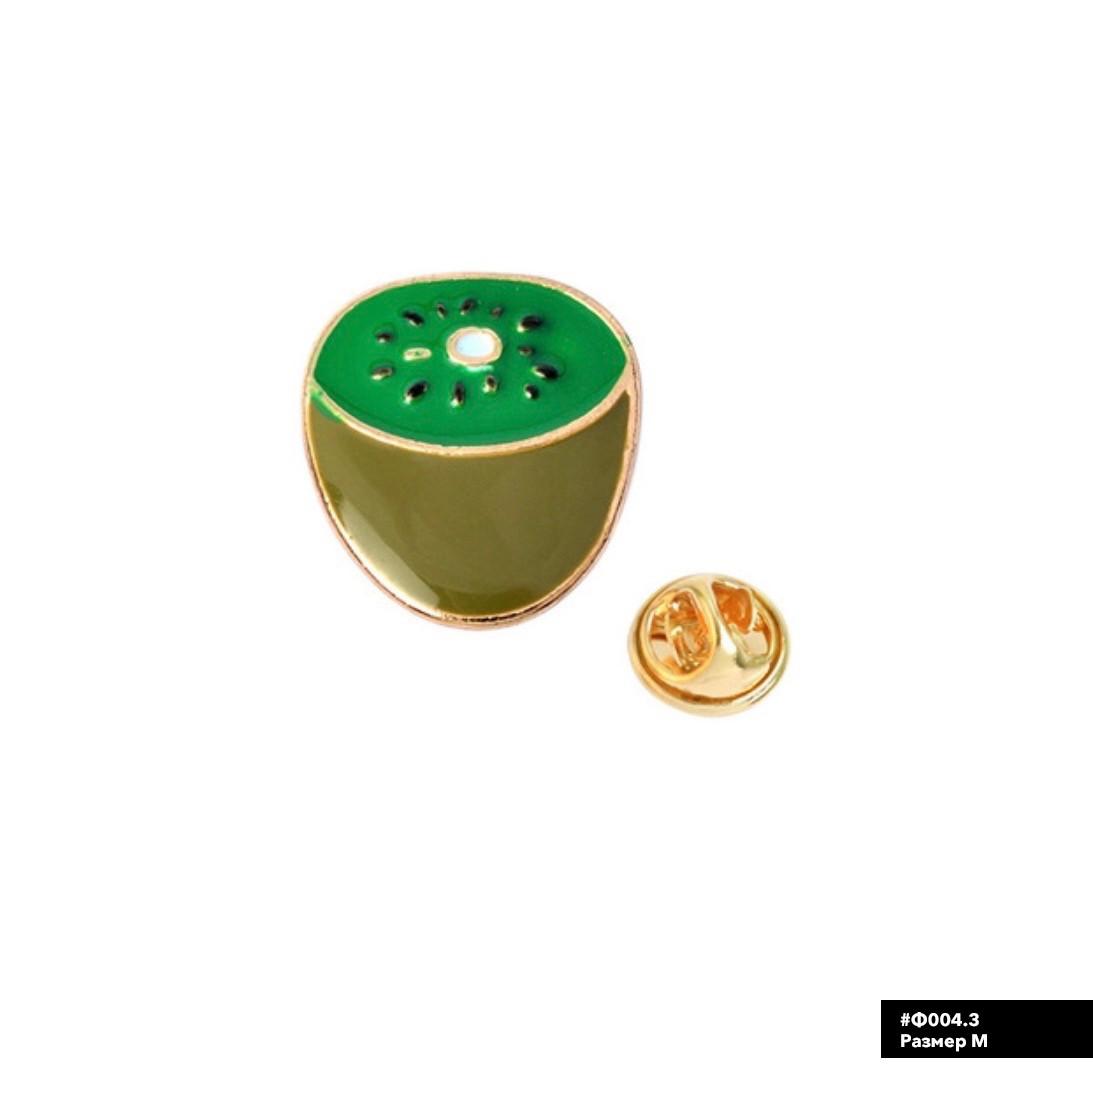 Значок металевий Пін Pin City-A Фрукти Ківі №988